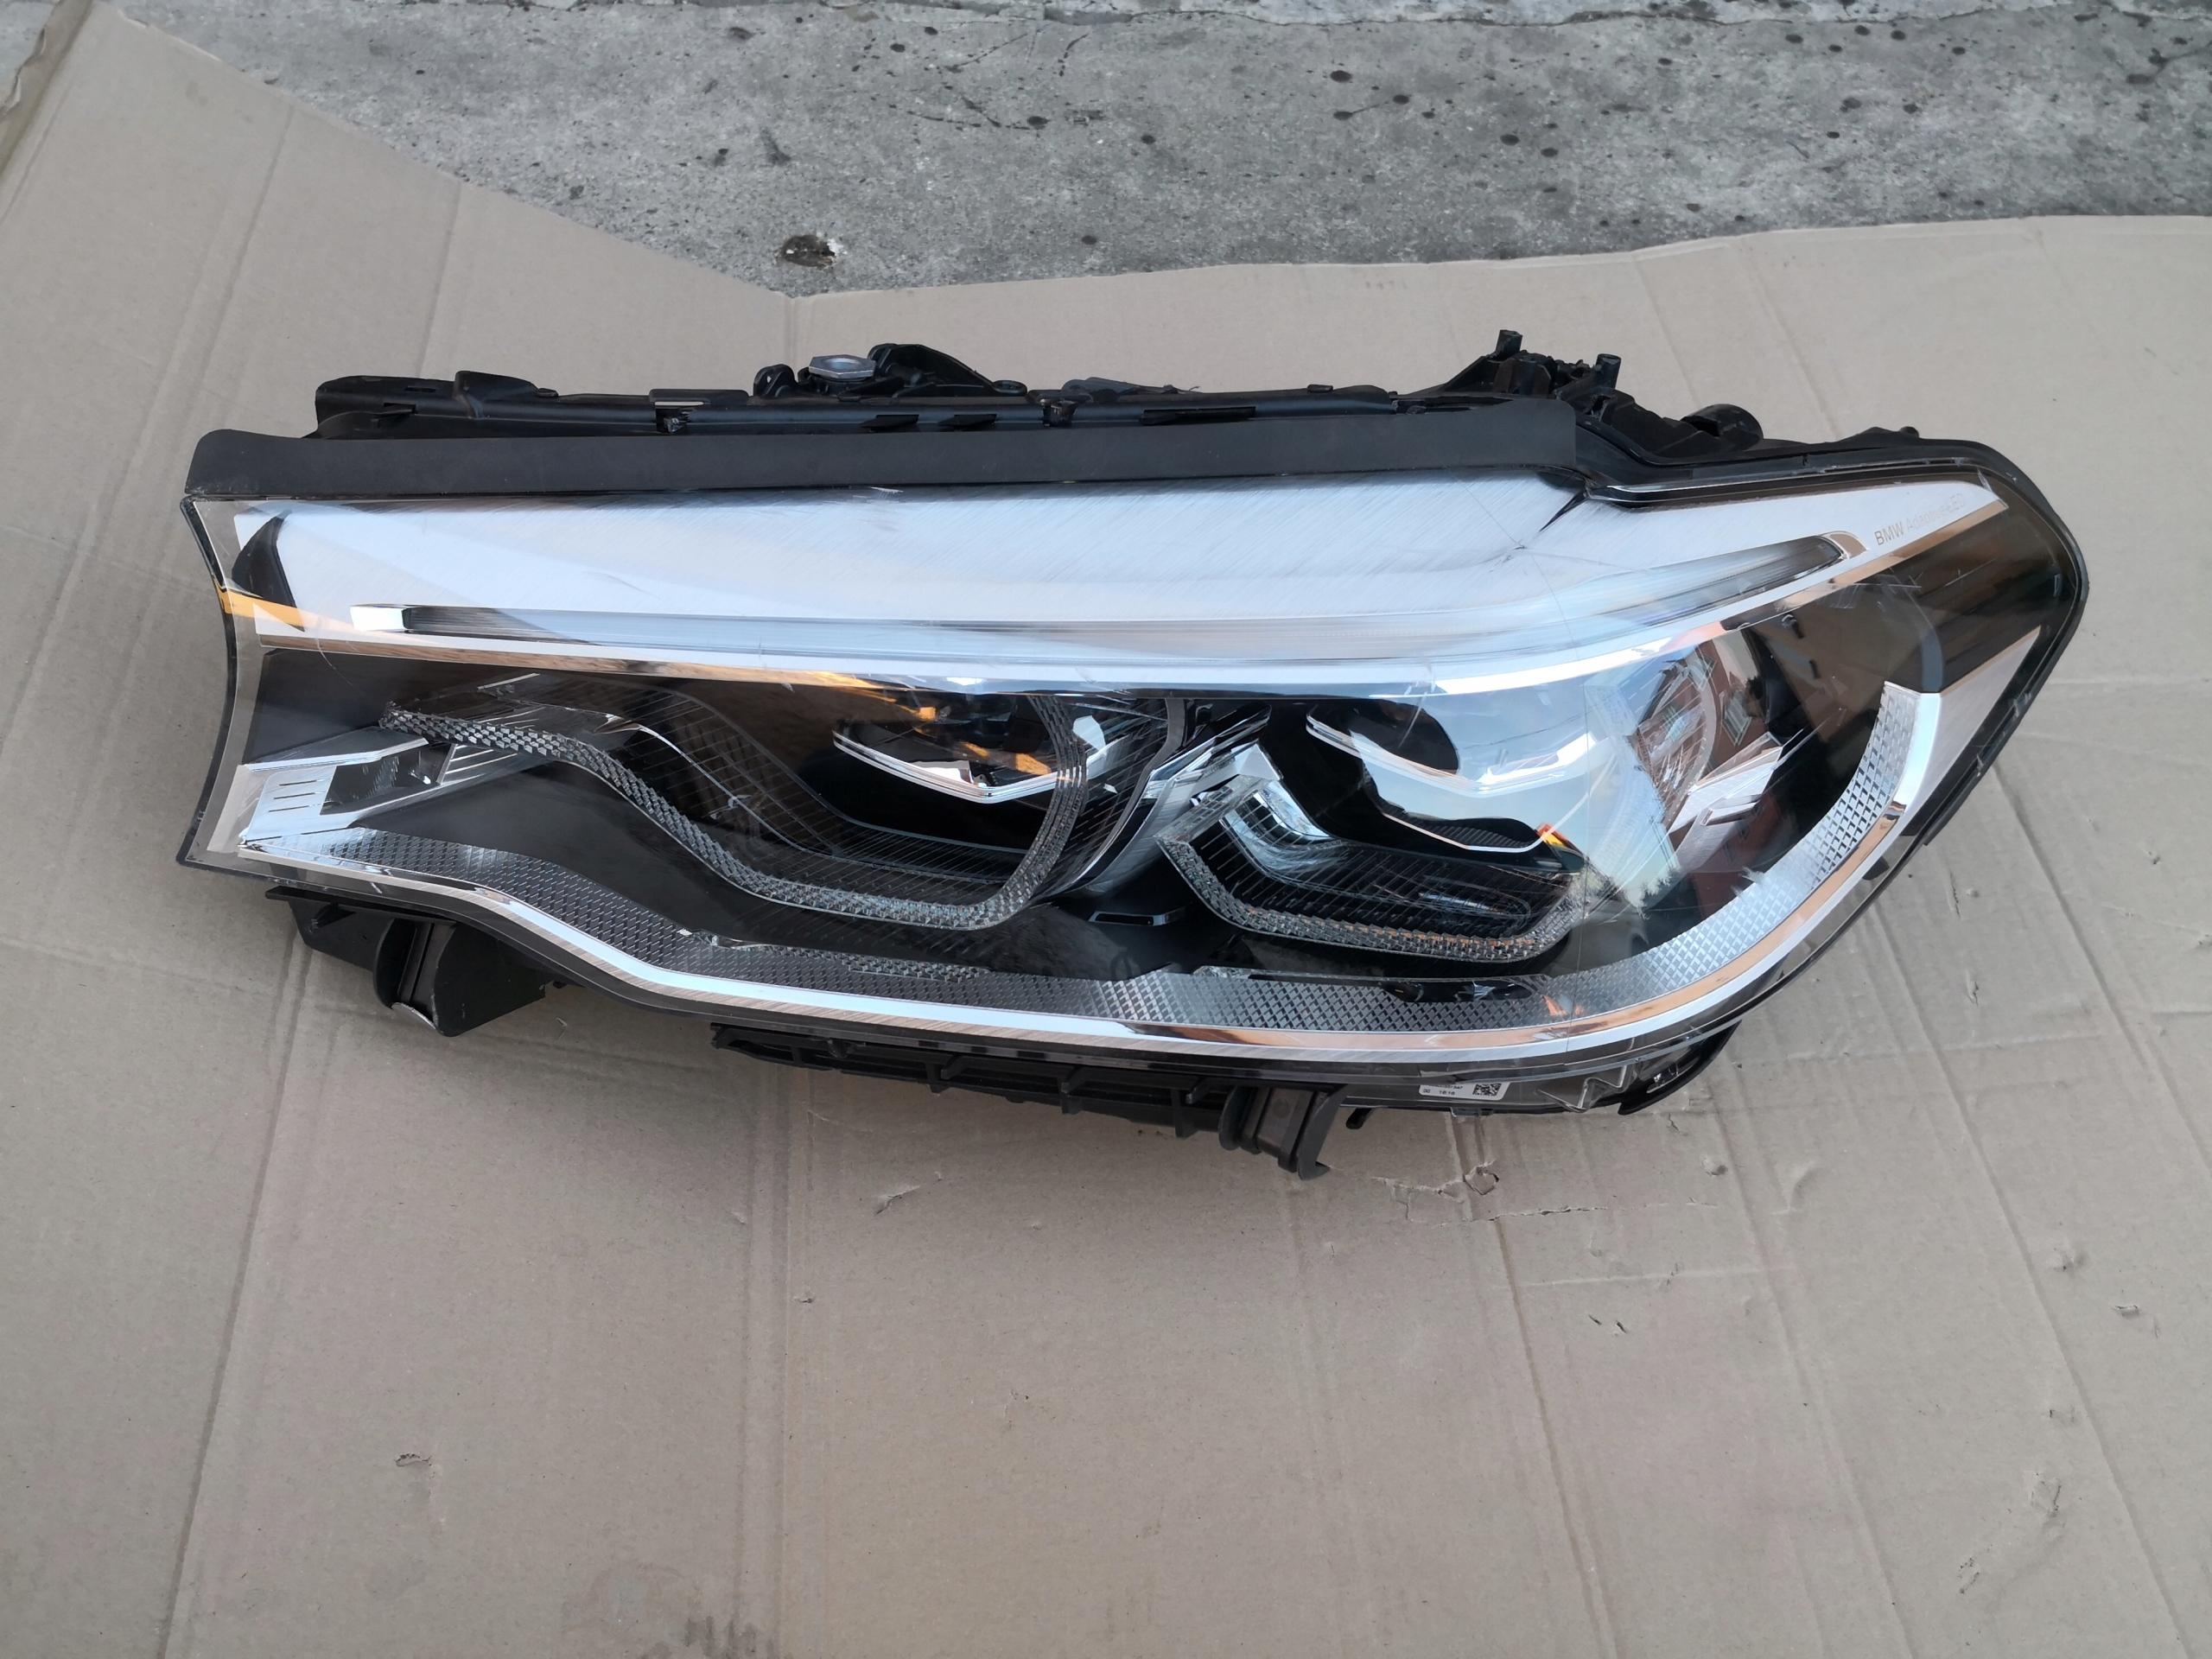 NOWA ORG lampa LED przednia prawa BMW F90 G30 G31